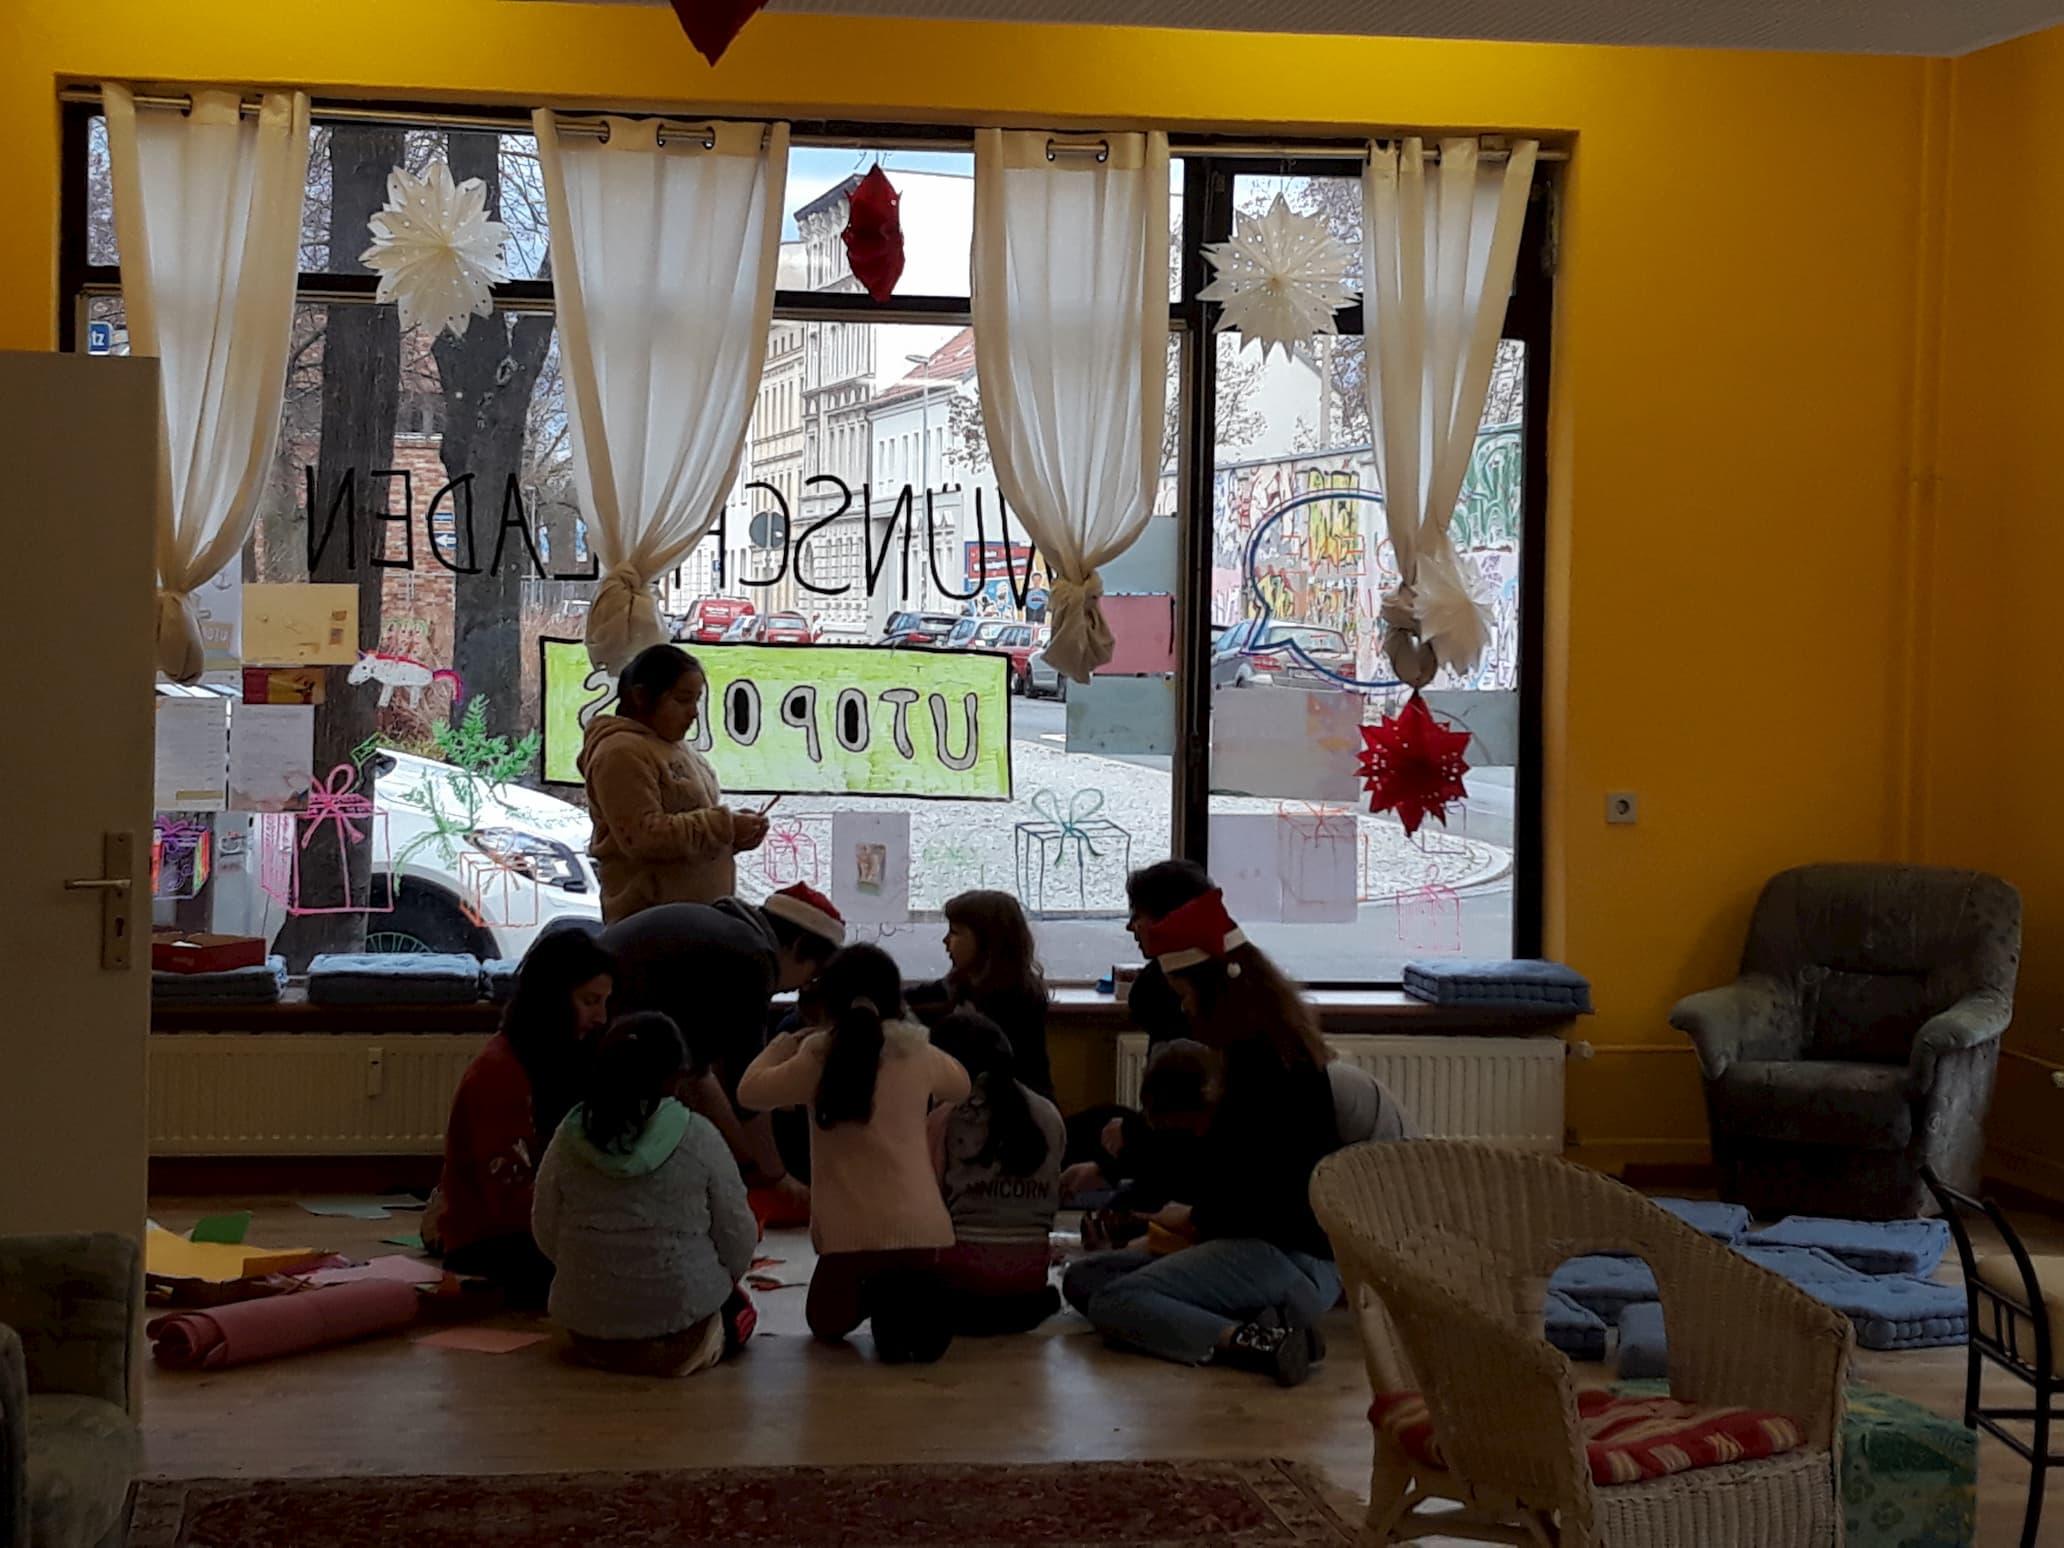 Kinder sitzen im Wünscheladen auf dem Boden